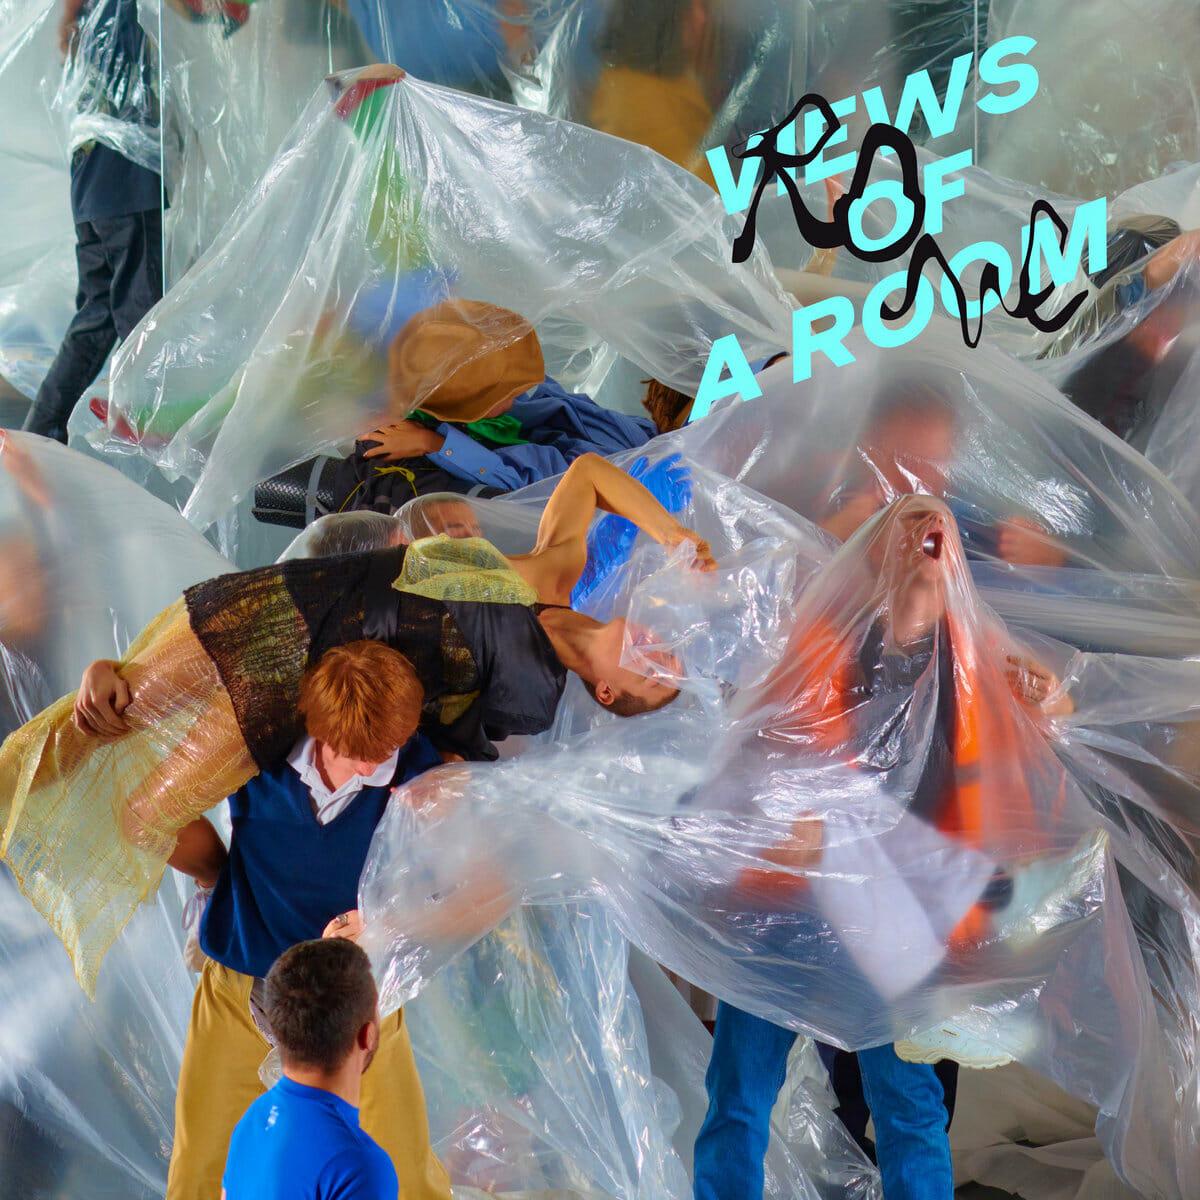 Pochette de l'album Views Of A Room de Rone, disponible bientôt en édition limitée